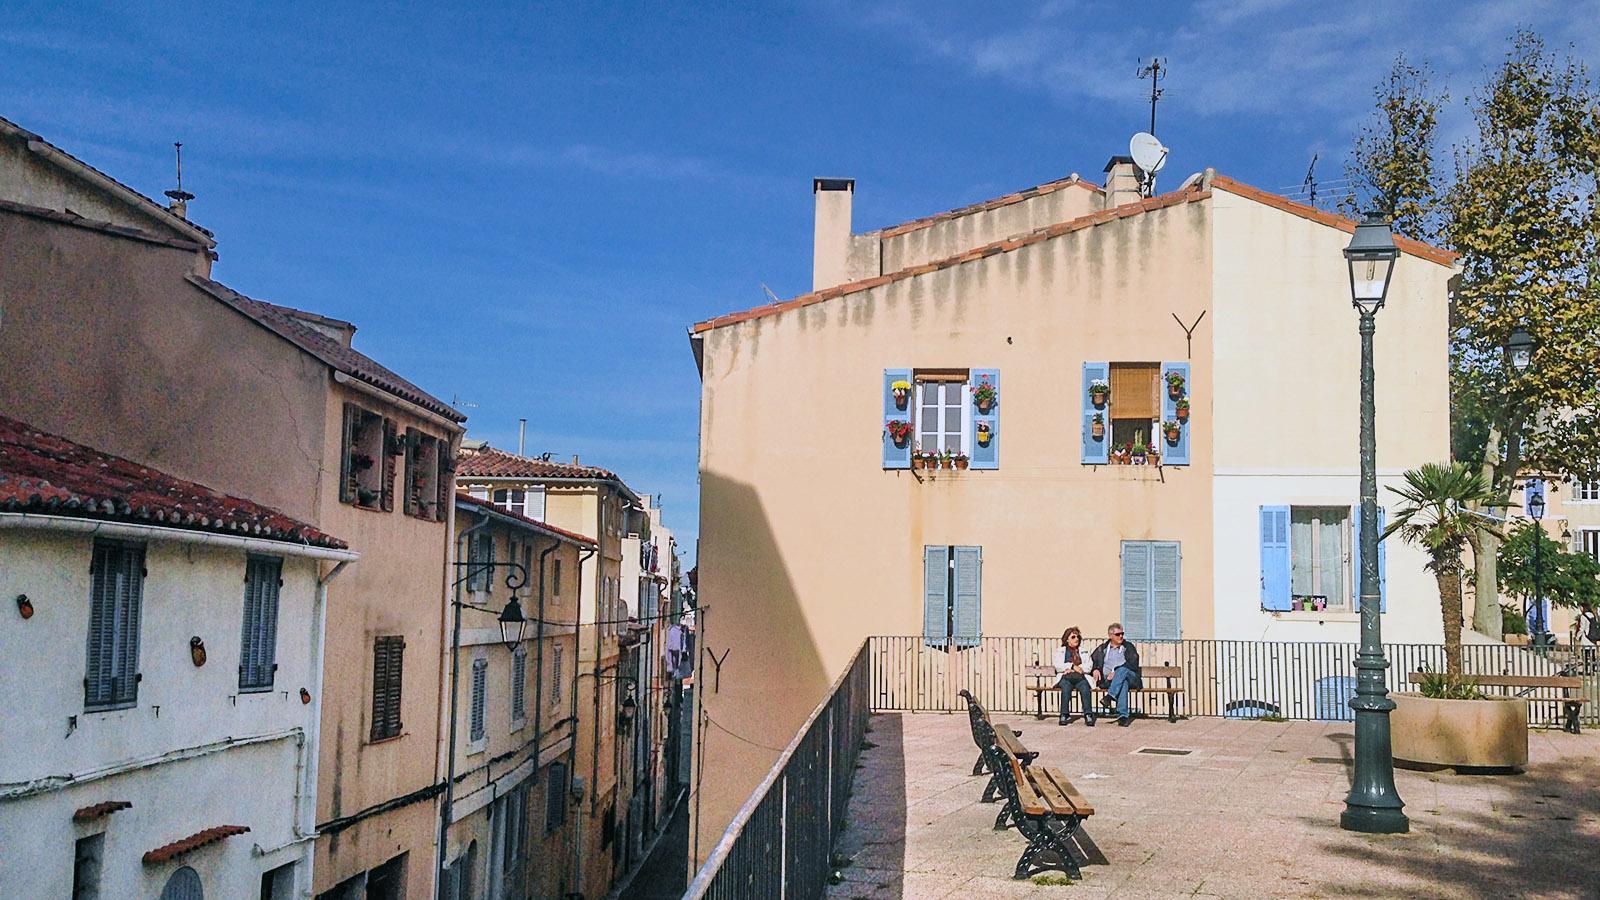 Marseille, Le Panier: Mitten im Gassengewirr verstecken sich lauschige Plätze. Foto: Hilke Maunder